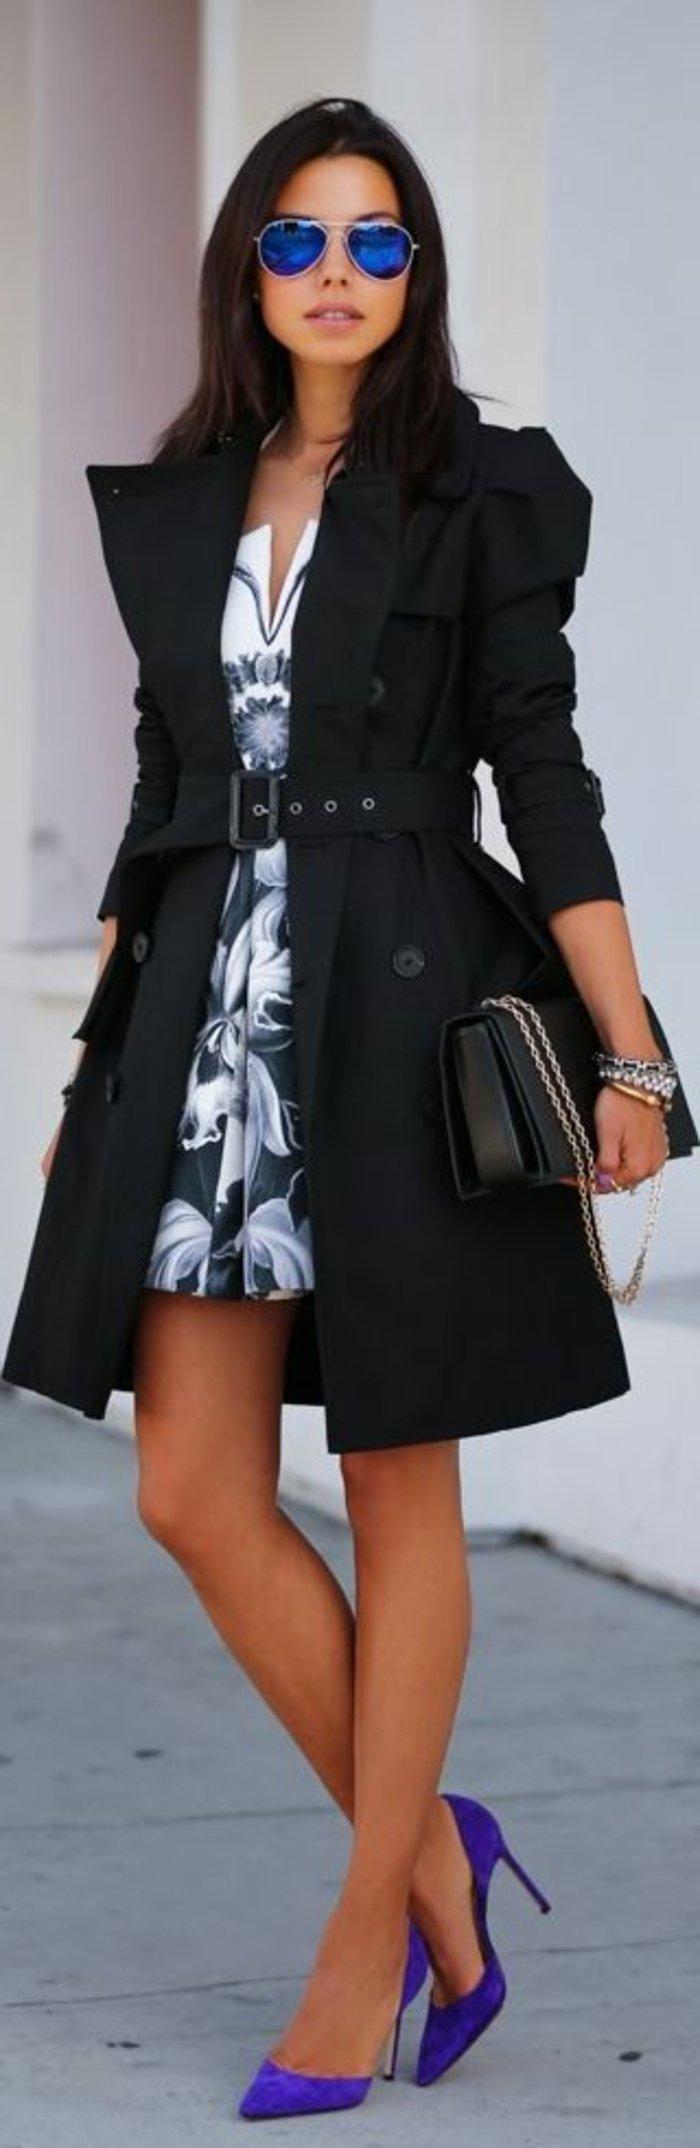 schwarzer-Mantel-mit-Gürtel-effektvolle-Schuhe